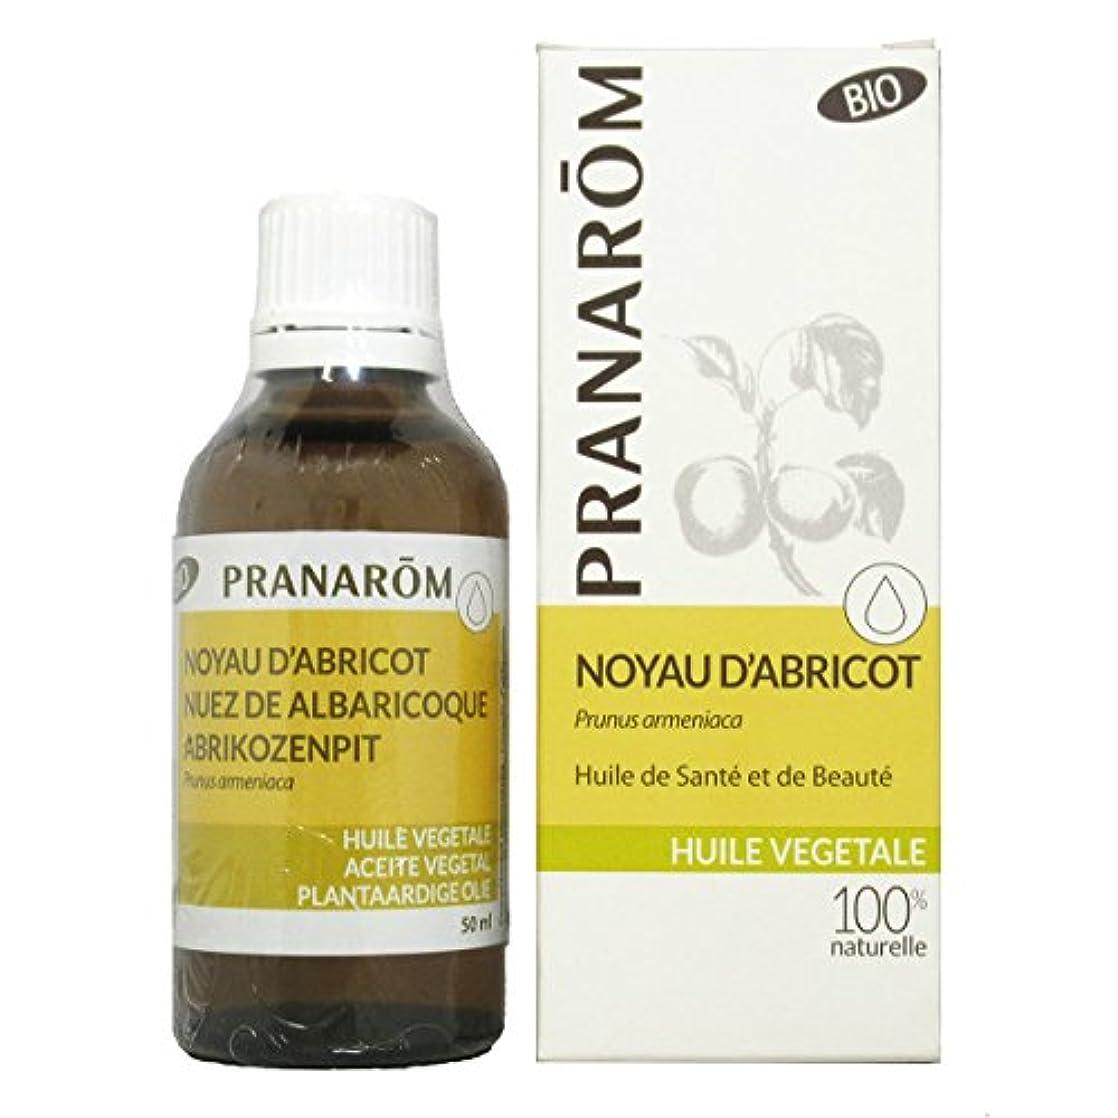 インストール勤勉な葉を集めるプラナロム アプリコットオイル 50ml (PRANAROM 植物油)